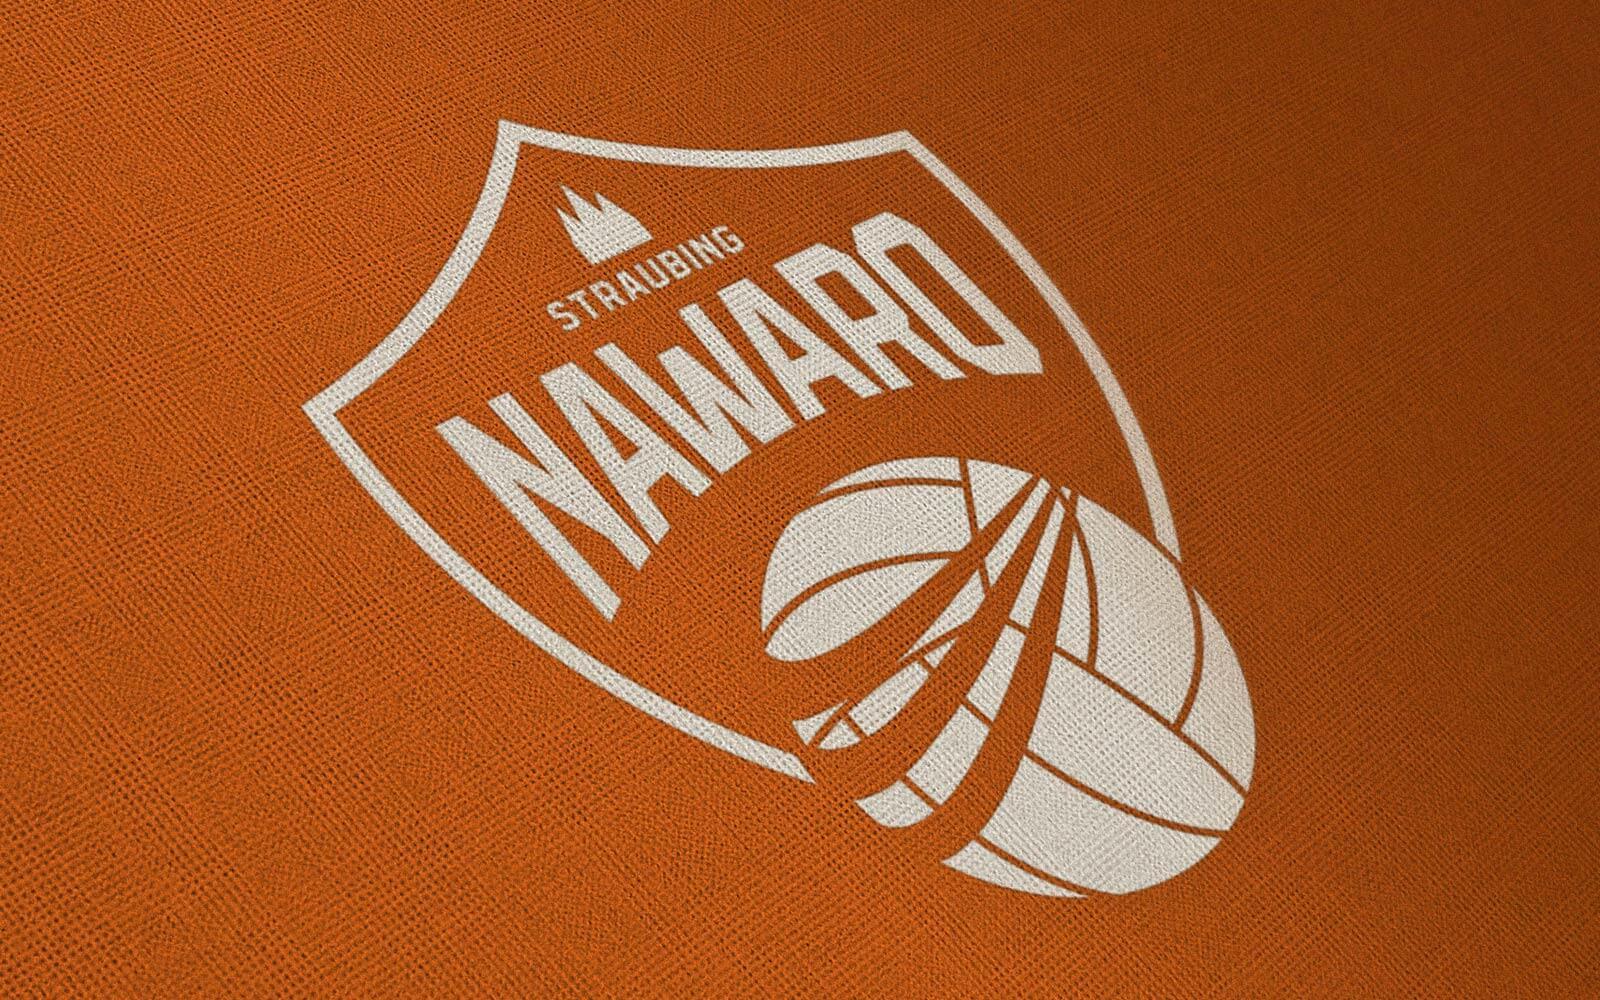 NawaRo Straubing – Logo-Redesign